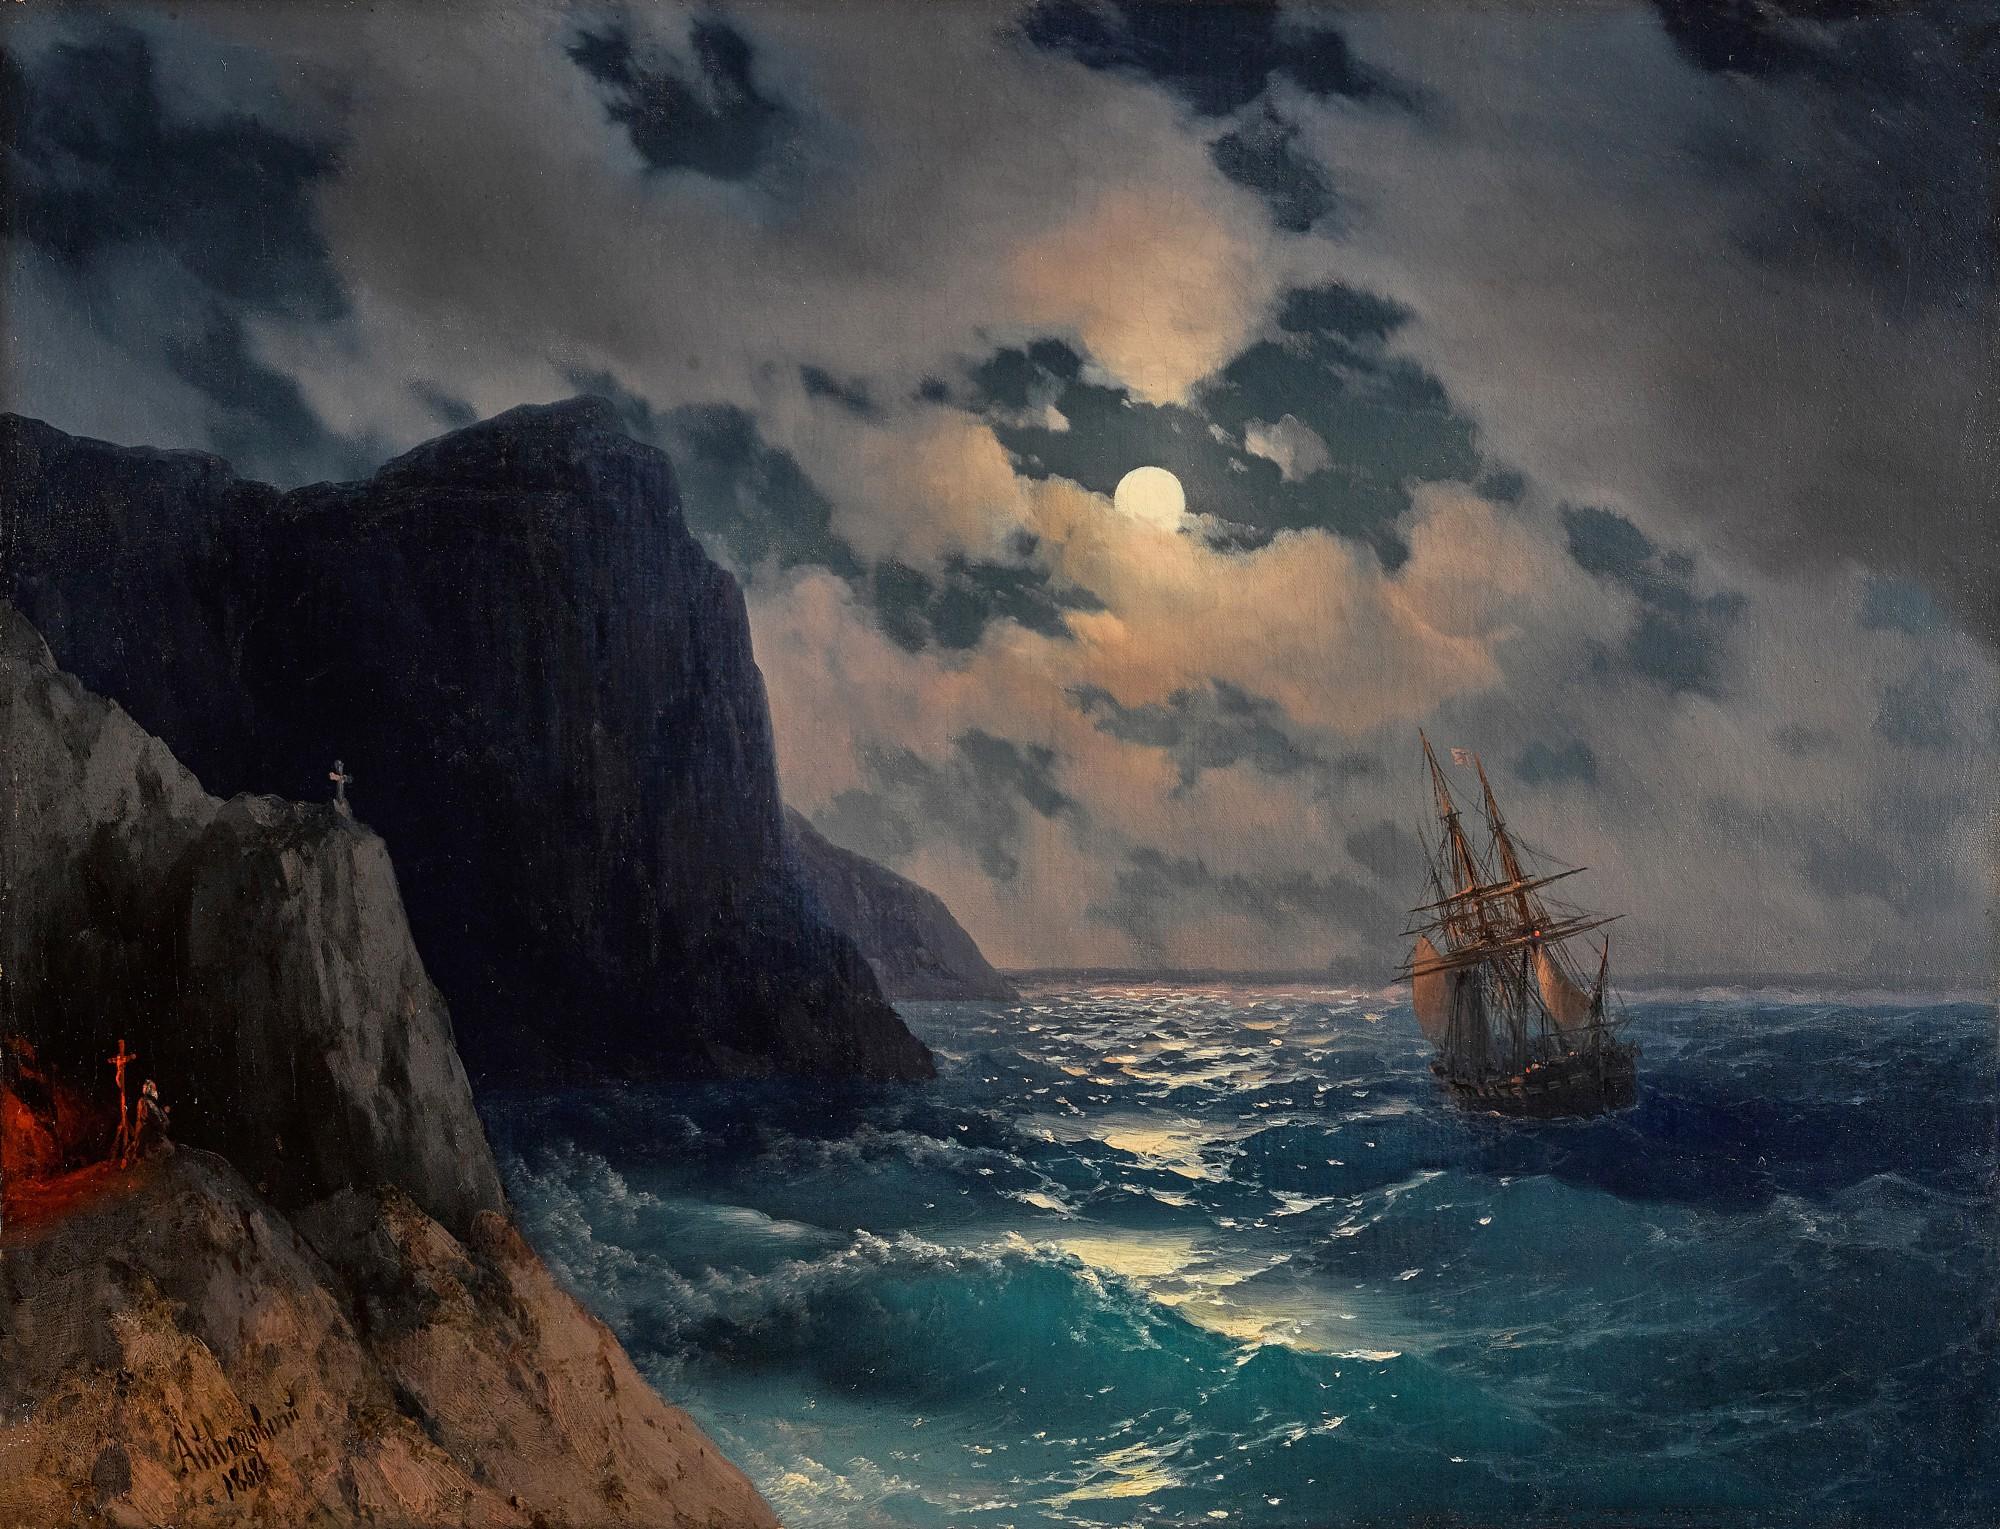 Ivan Konstantinovich Aivazovsky - Passing Ship on a moonlit night, 1868